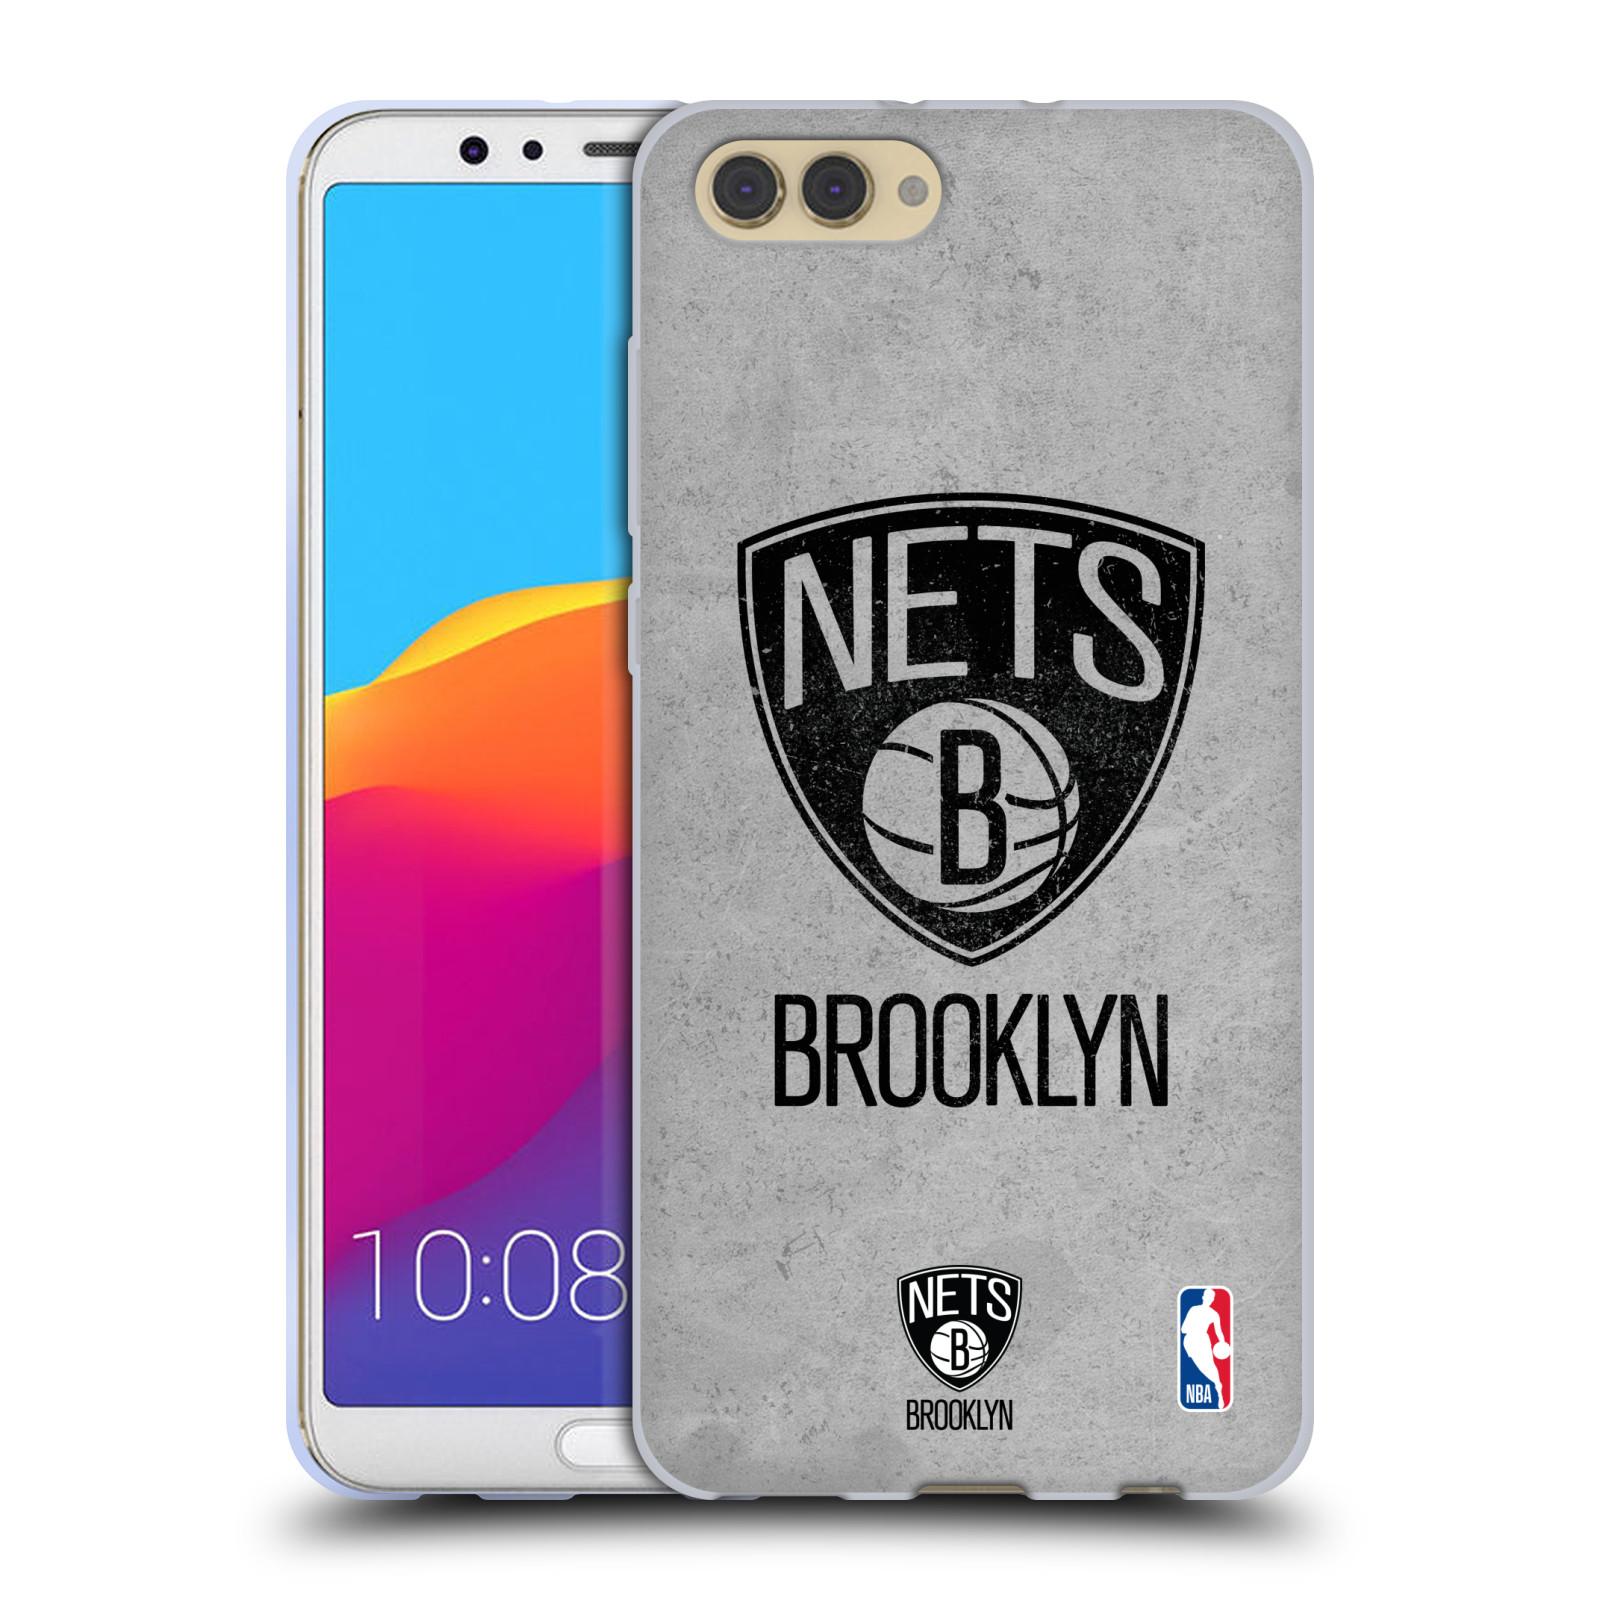 HEAD CASE silikonový obal na mobil Huawei HONOR VIEW 10 / V10 NBA Basketbalový klub Brooklyn Nets logo basketbalový míč šedá